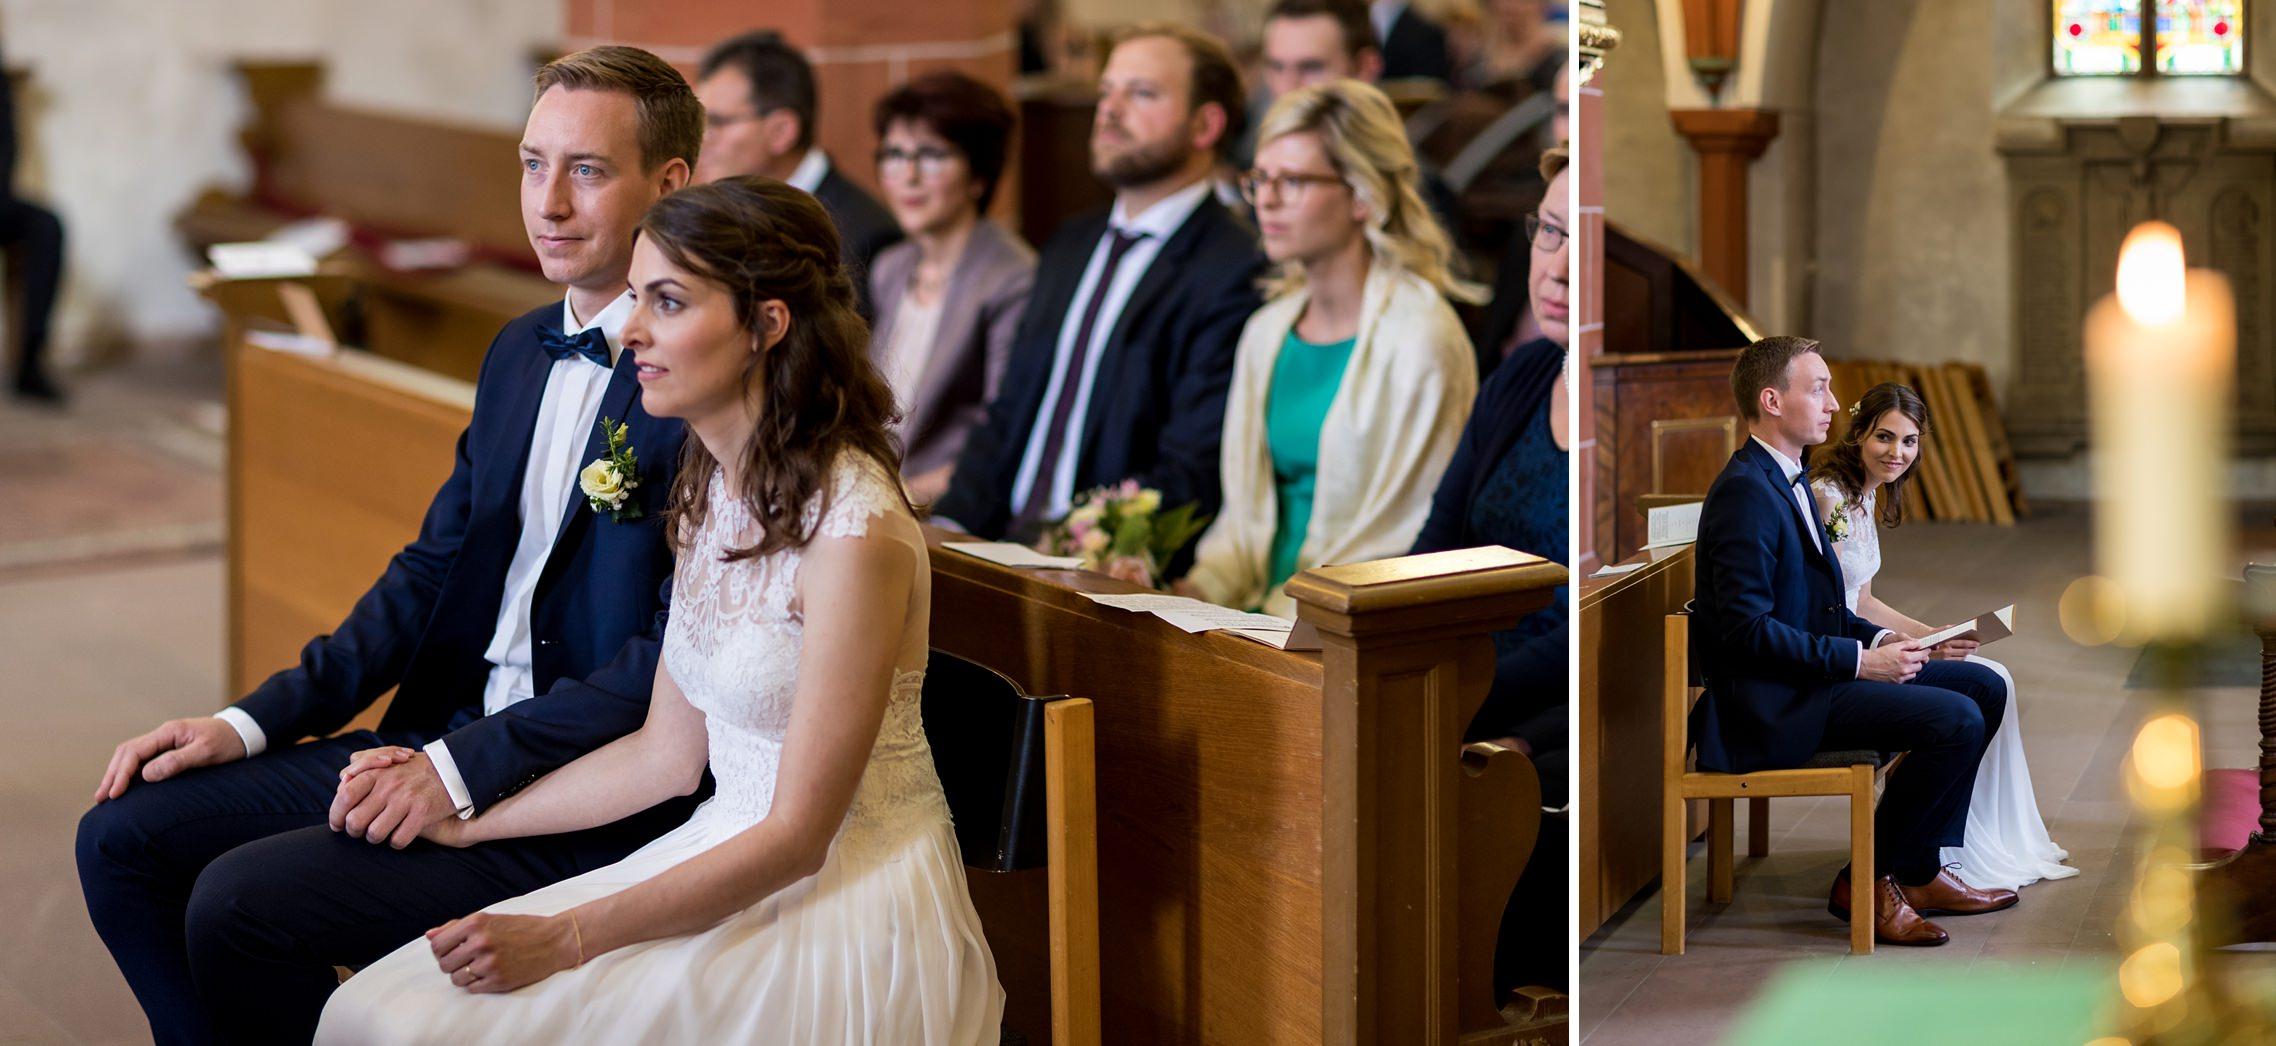 Das Brautpaar lauscht den Worten des Pfarrers in der katholischen Kirche in Erbach.